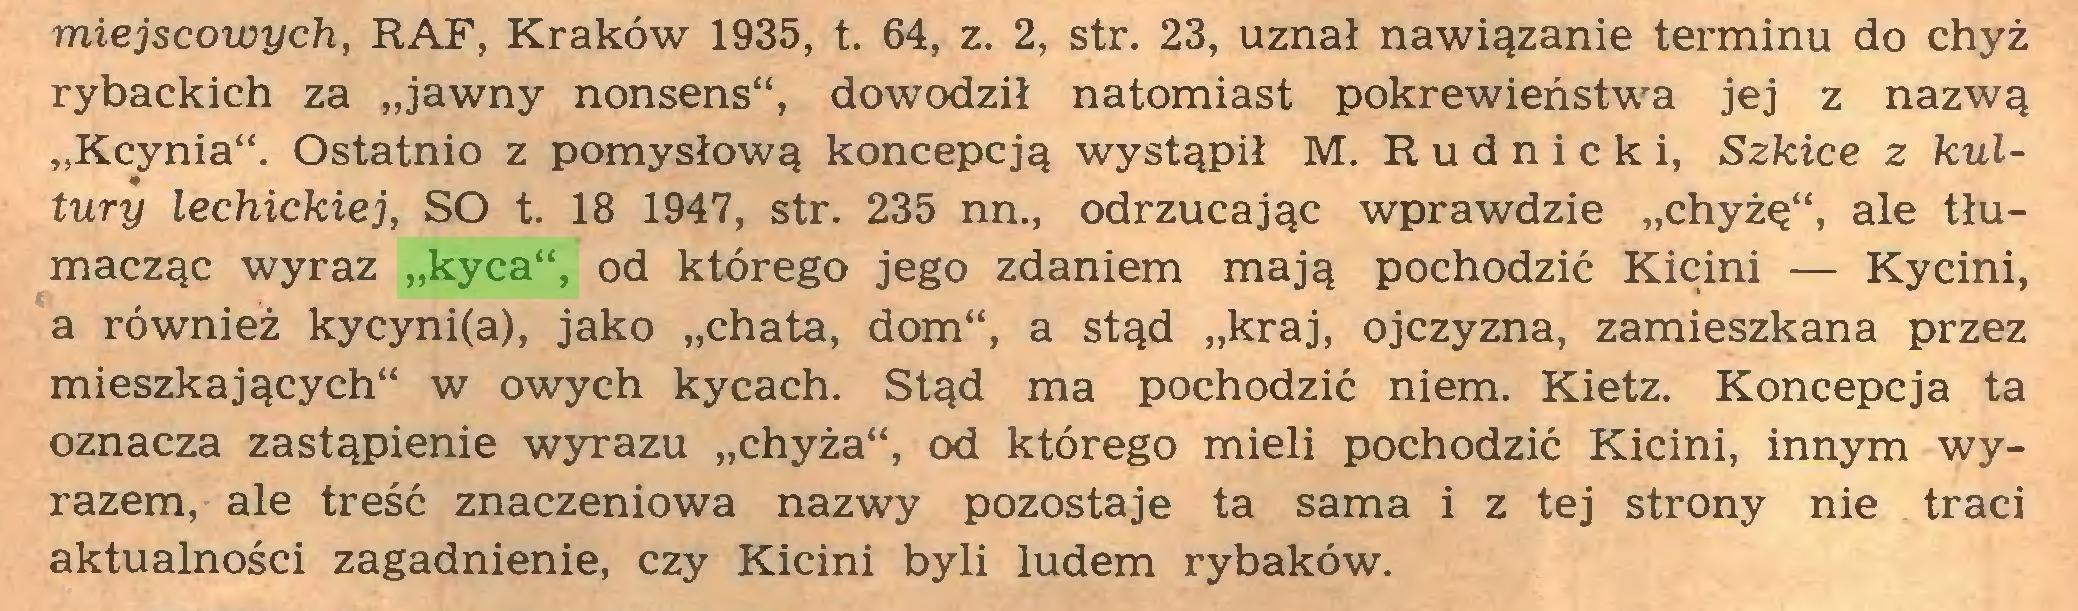 """(...) miejscowych, RAF, Kraków 1935, t. 64, z. 2, str. 23, uznał nawiązanie terminu do chyż rybackich za """"jawny nonsens**, dowodził natomiast pokrewieństwa jej z nazwą """"Kcynia**. Ostatnio z pomysłową koncepcją wystąpił M. Rudnicki, Szkice z kultury lechickiej, SO t. 18 1947, str. 235 nn., odrzucając wprawdzie """"chyżę"""", ale tłumacząc wyraz """"kyca"""", od którego jego zdaniem mają pochodzić Kicini — Kycini, a również kycyni(a), jako """"chata, dom"""", a stąd """"kraj, ojczyzna, zamieszkana przez mieszkających** w owych kycach. Stąd ma pochodzić niem. Kietz. Koncepcja ta oznacza zastąpienie wyrazu """"chyża**, od którego mieli pochodzić Kicini, innym wyrazem, ale treść znaczeniowa nazwy pozostaje ta sama i z tej strony nie traci aktualności zagadnienie, czy Kicini byli ludem rybaków..."""